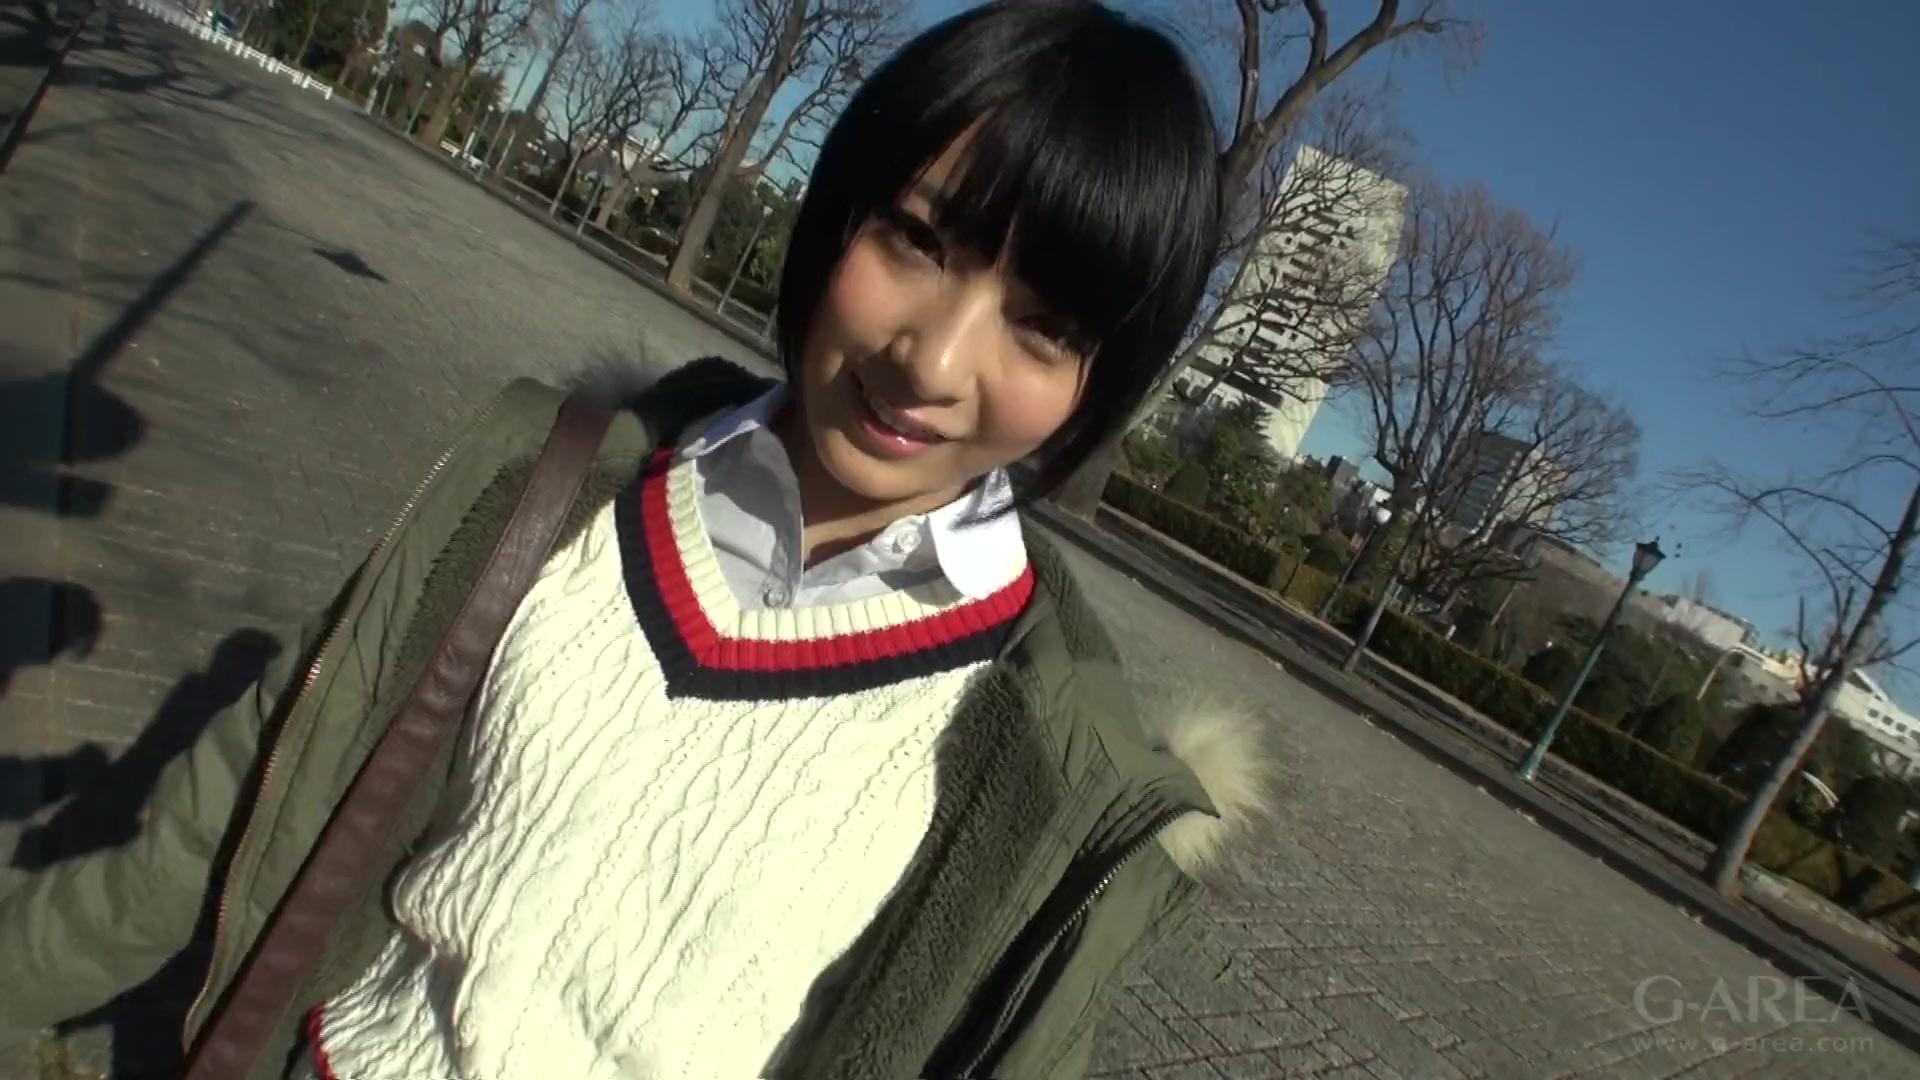 【素人エロ動画】ショートカットの可愛い美少女とハメ撮り!